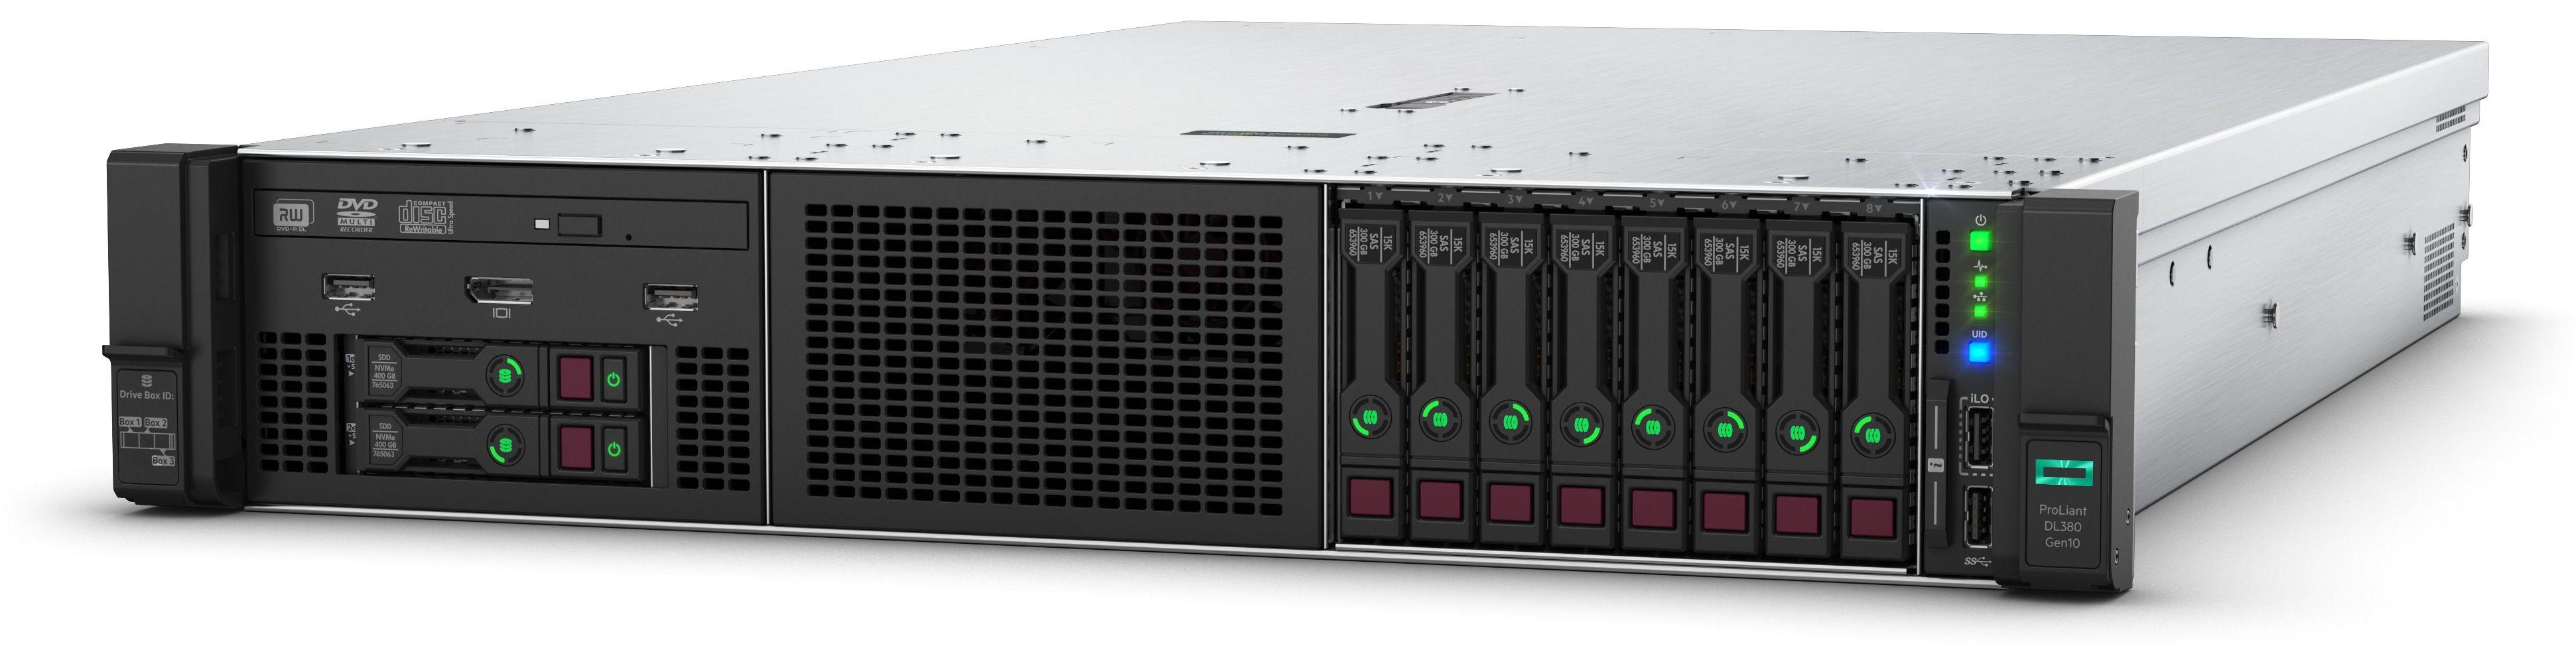 DL380 Gen10 8SFF